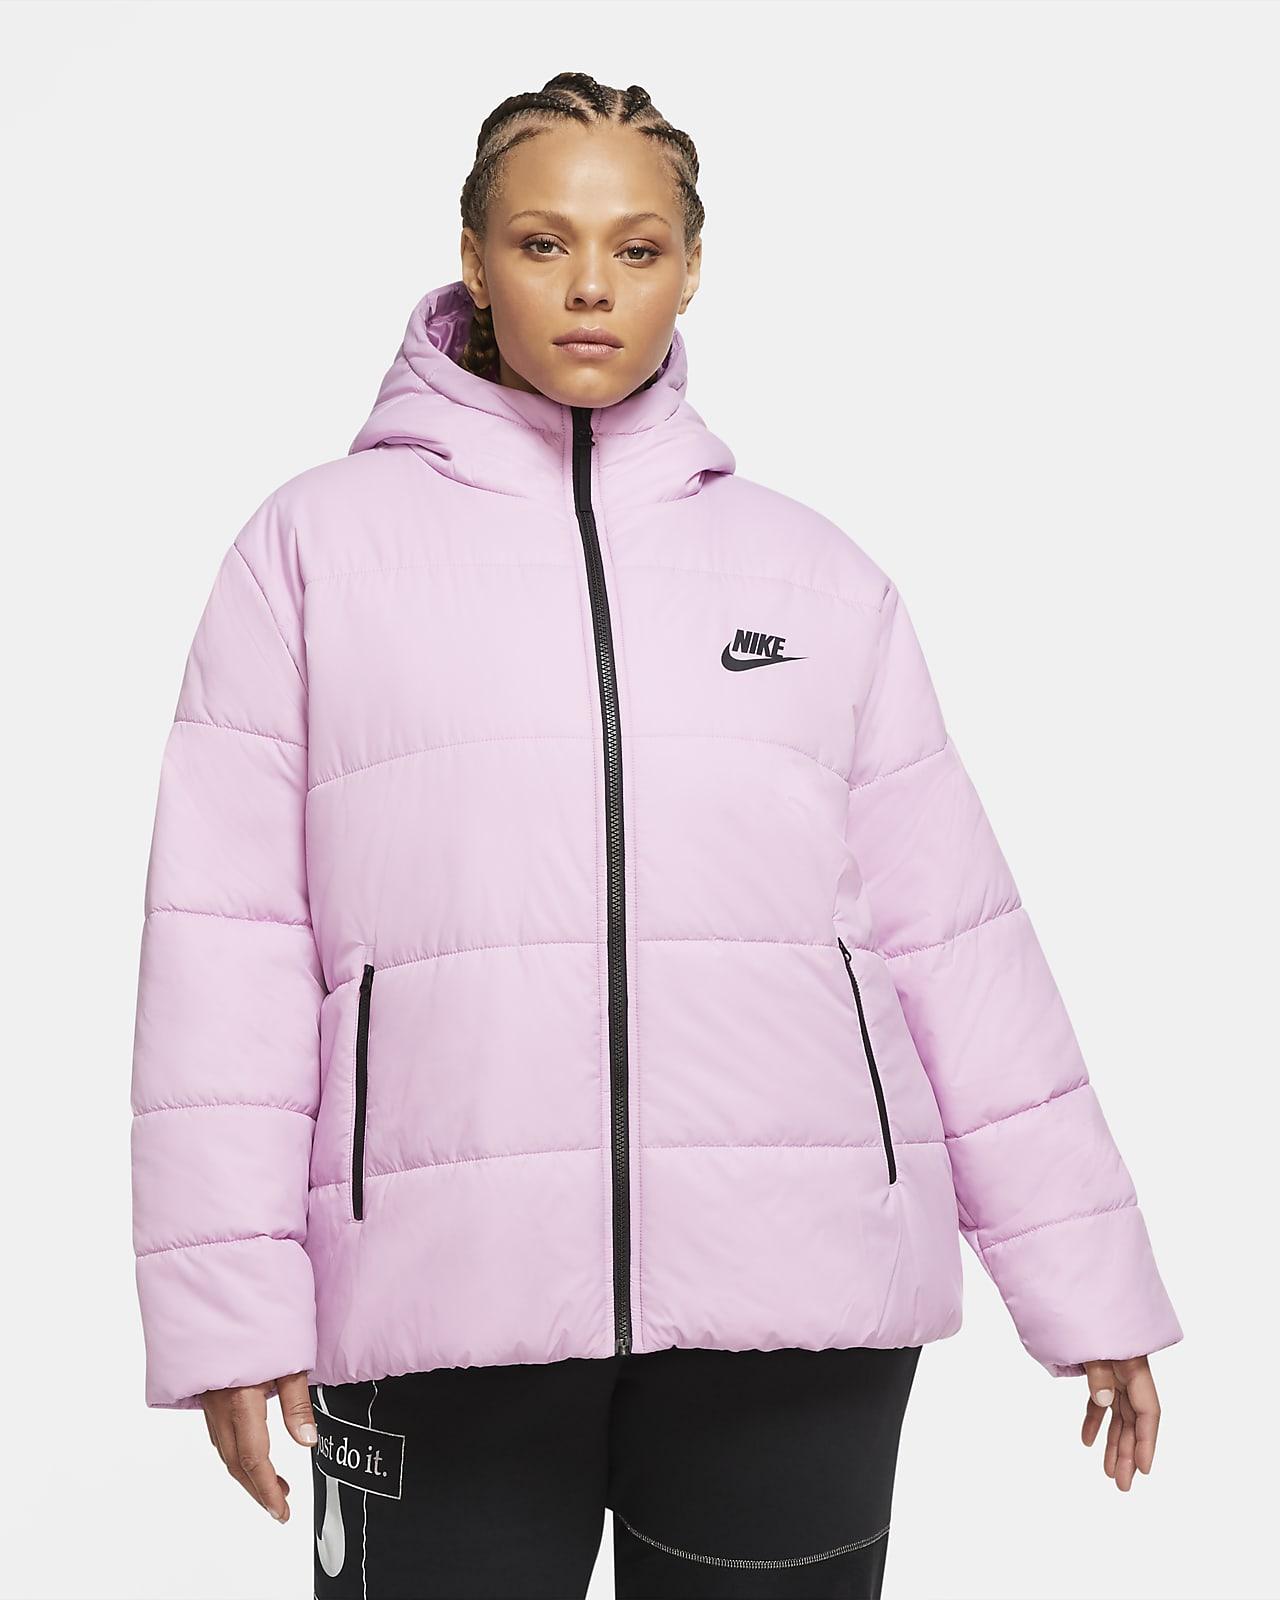 Veste Nike Sportswear Synthetic-Fill pour Femme (grande taille)